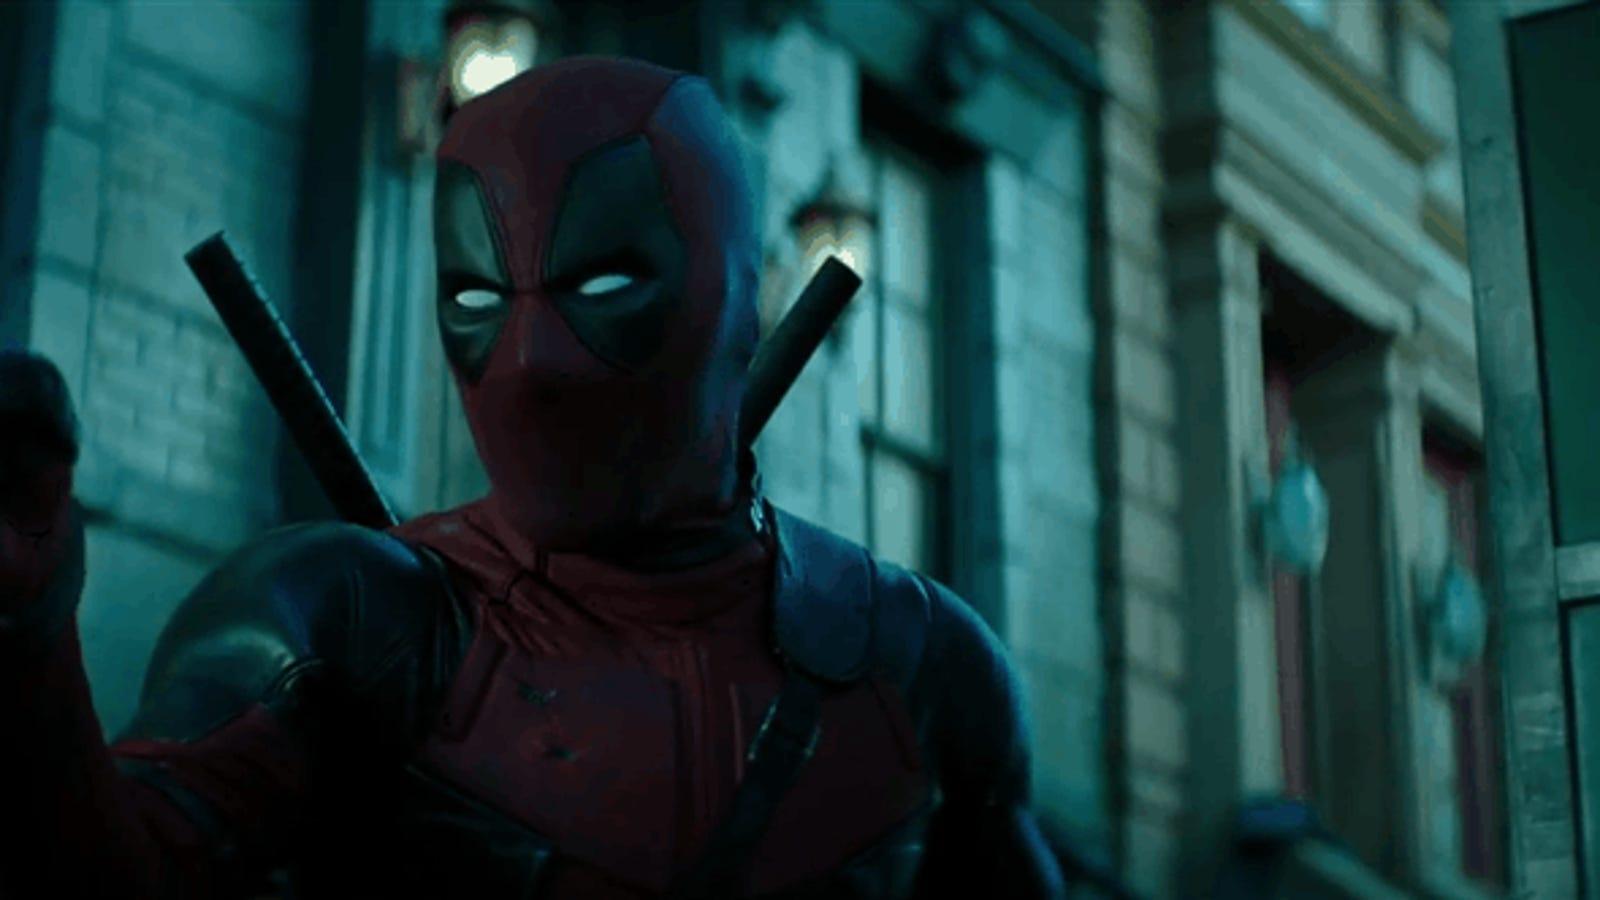 El primer adelanto de Deadpool 2 ya está aquí, y está lleno de pistas de la película